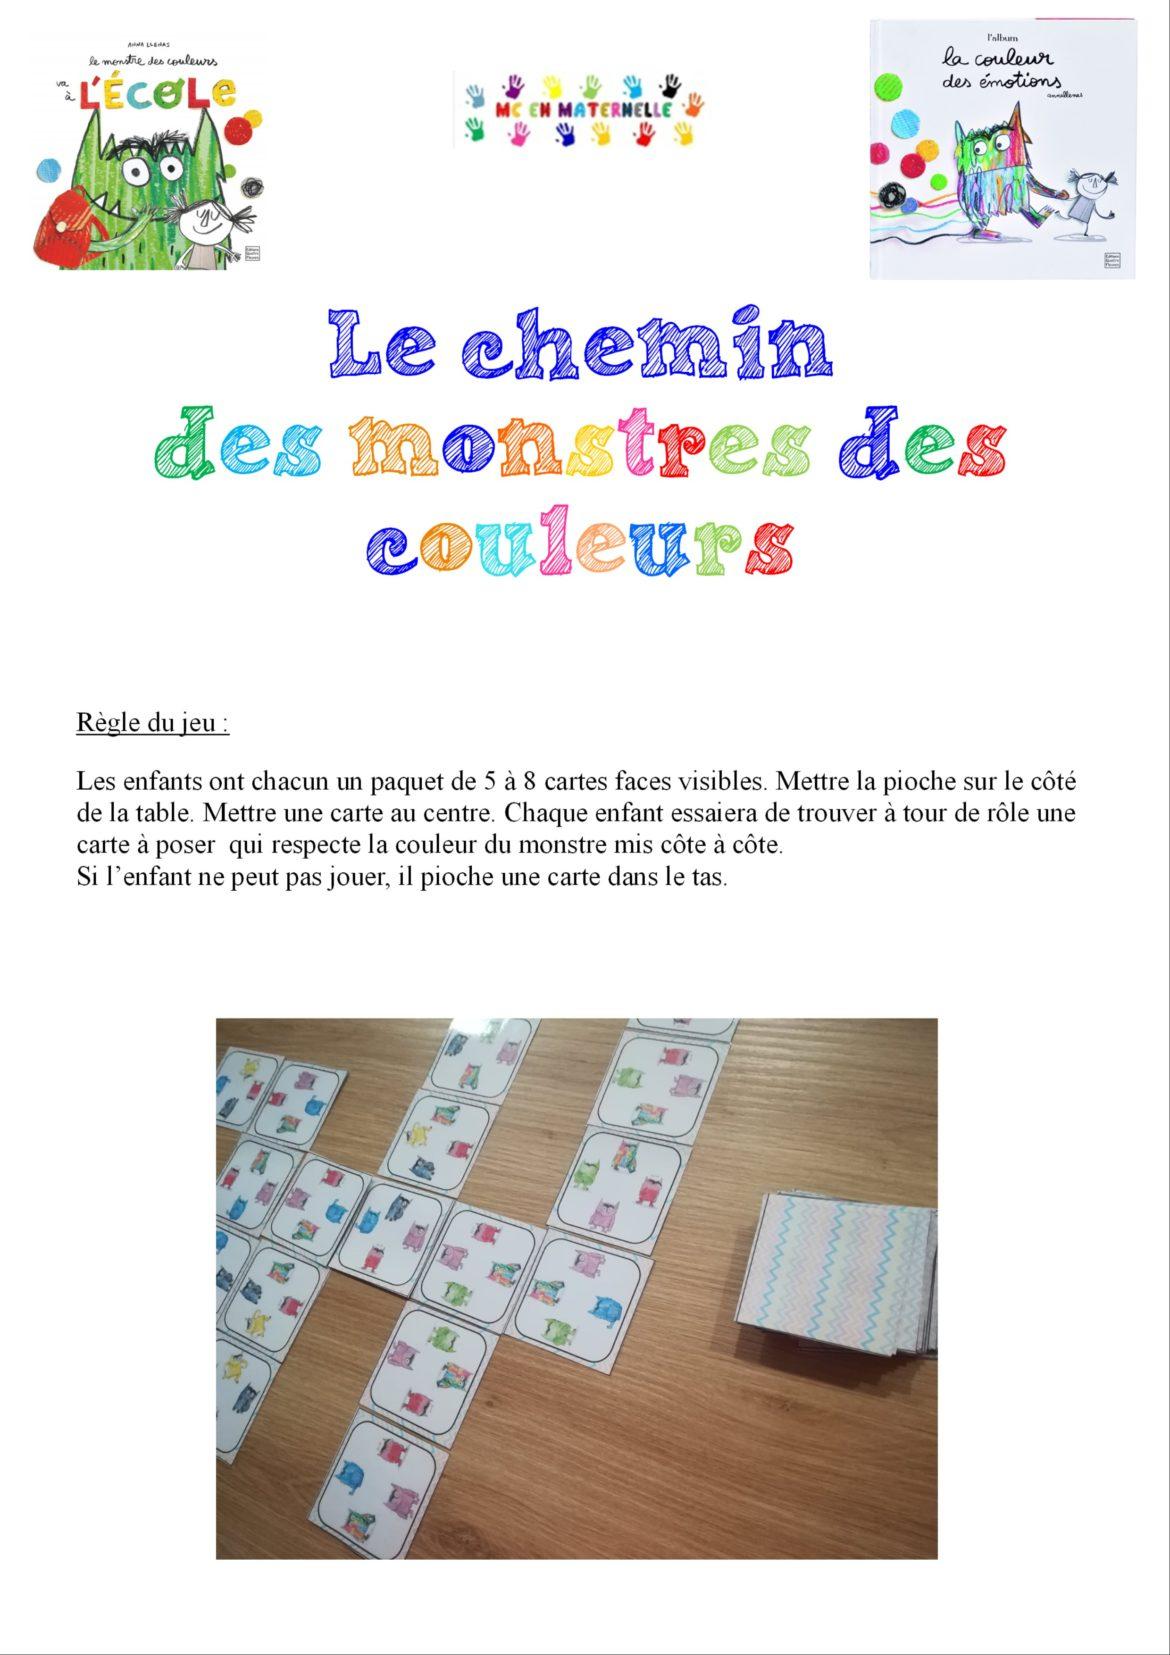 Jeu – Mc En Maternelle destiné Jeux Enfant Maternelle